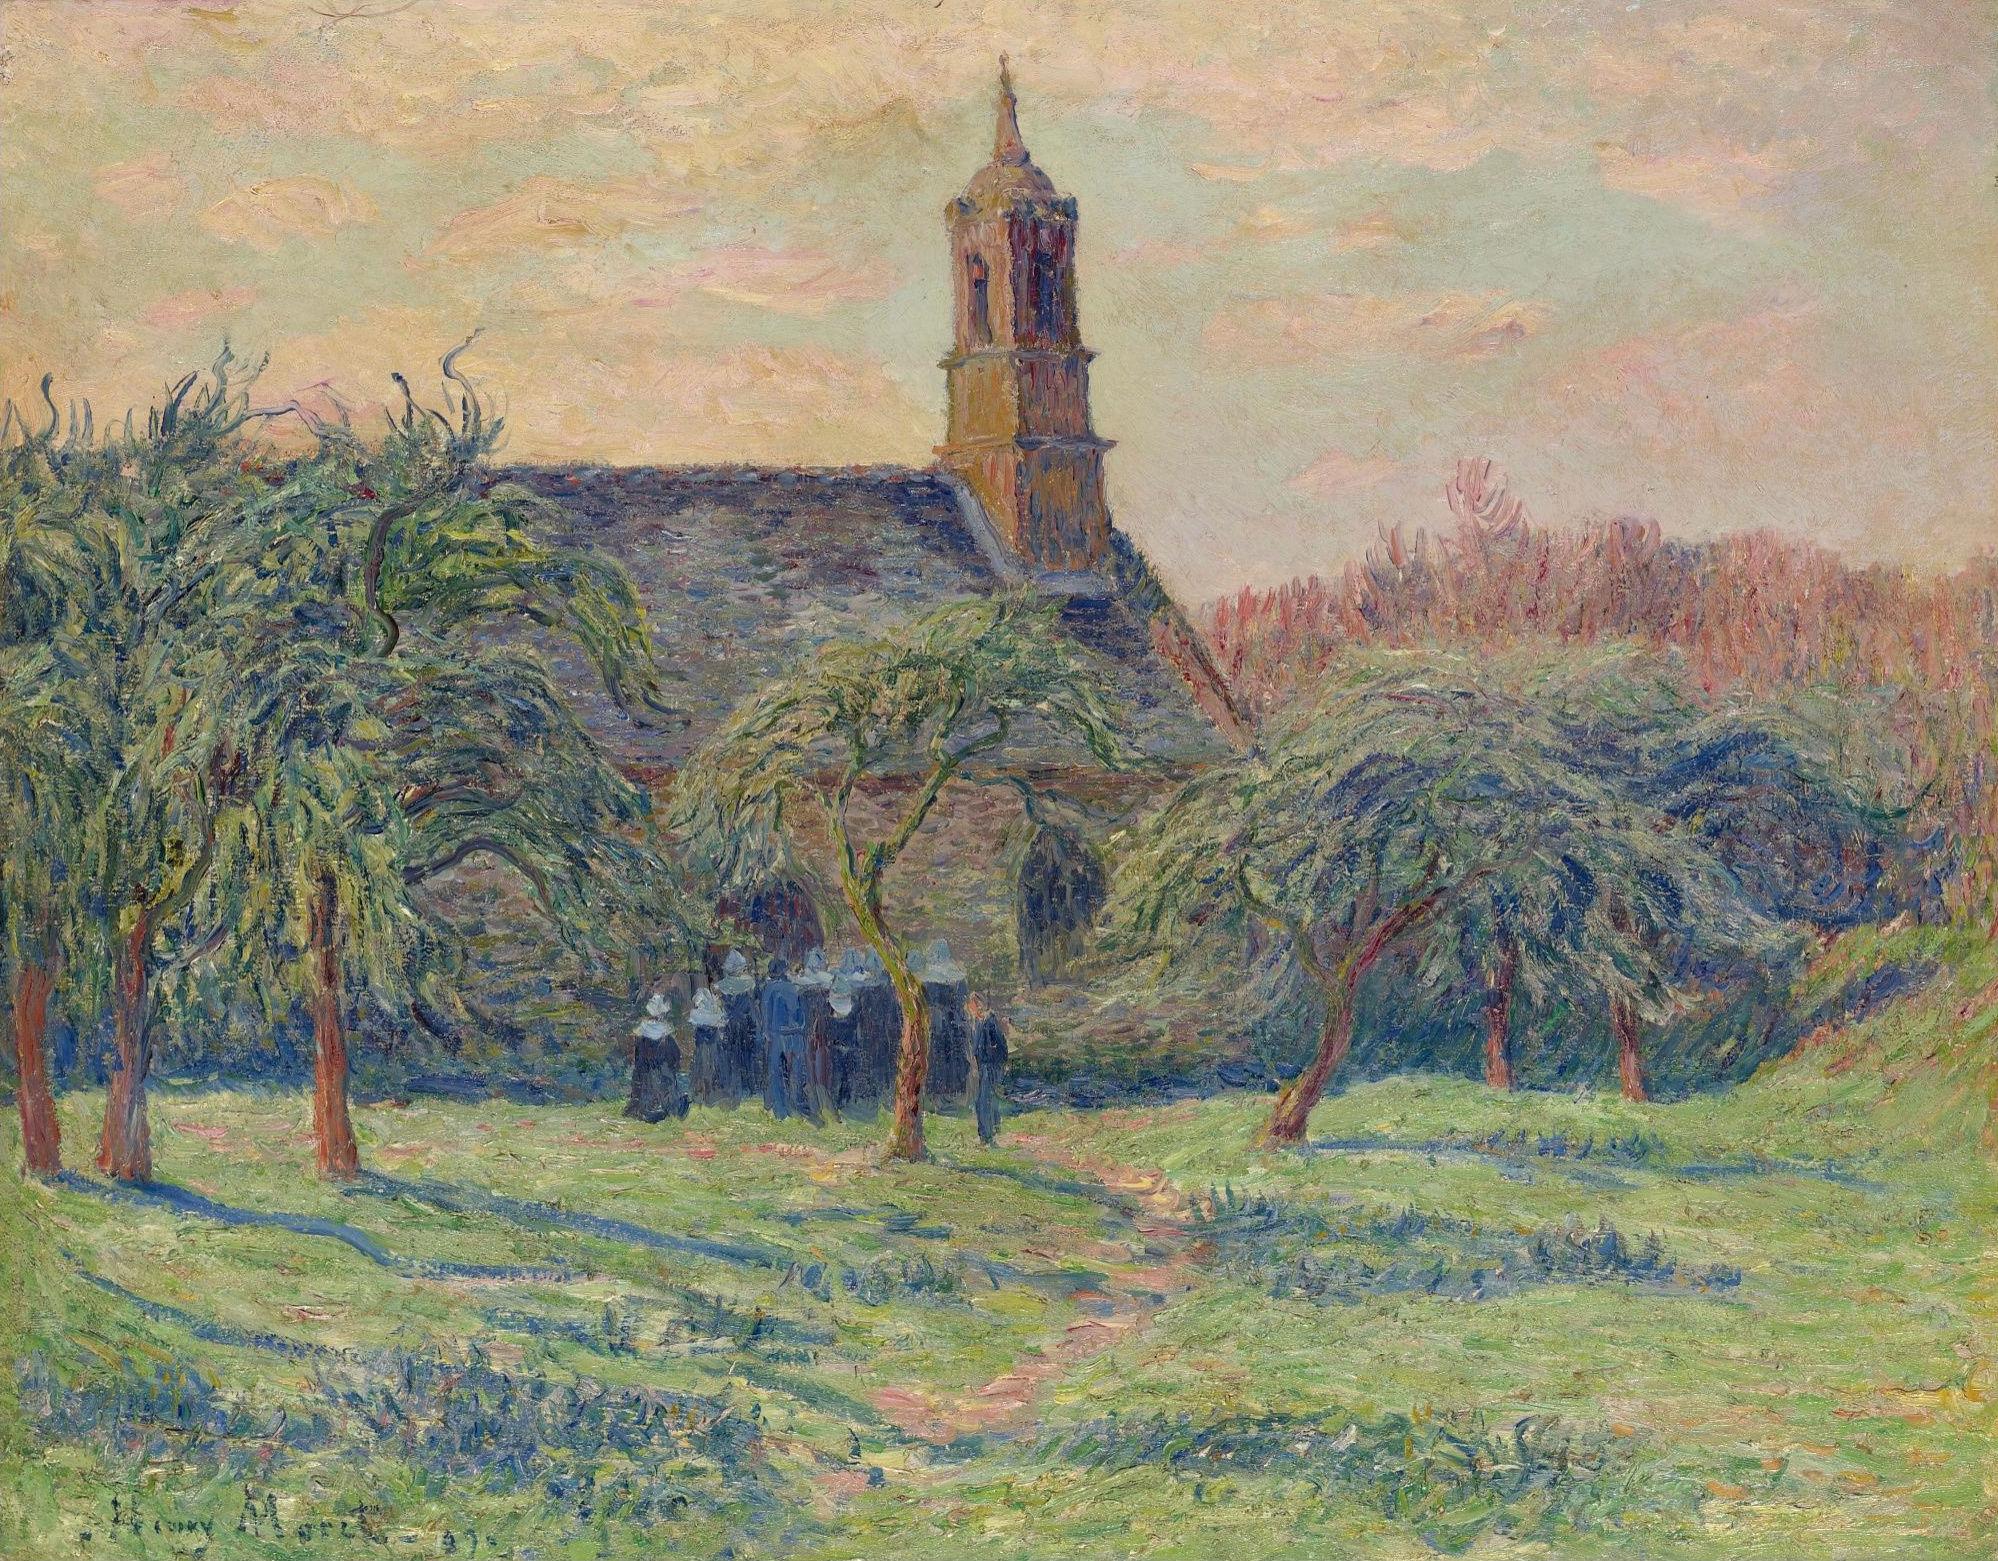 Impressionist / Neoimpressionist Art-Sotheby`s Auction Lots часть №2. (528  работ) (1 часть) » Страница 4 » Картины, художники, фотографы на Nevsepic